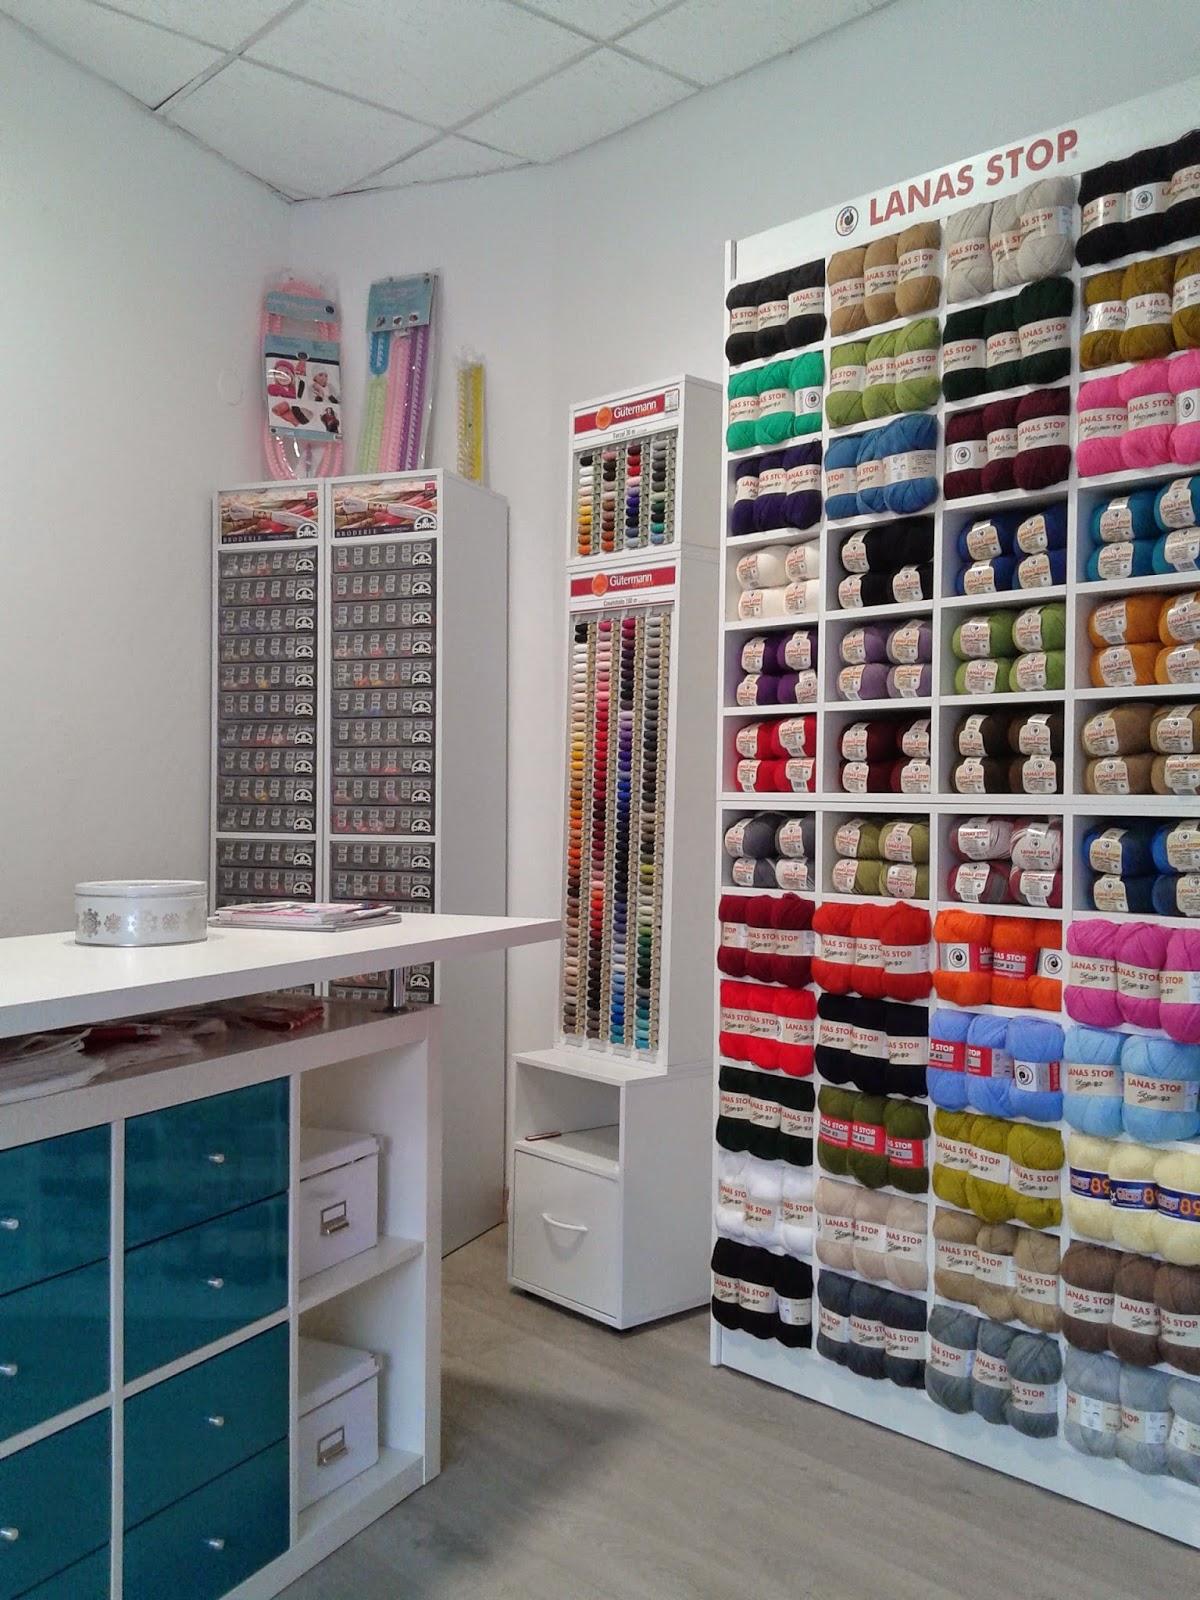 L de Lana, lana, labores,Knitting, Tejer, Lanas Stop